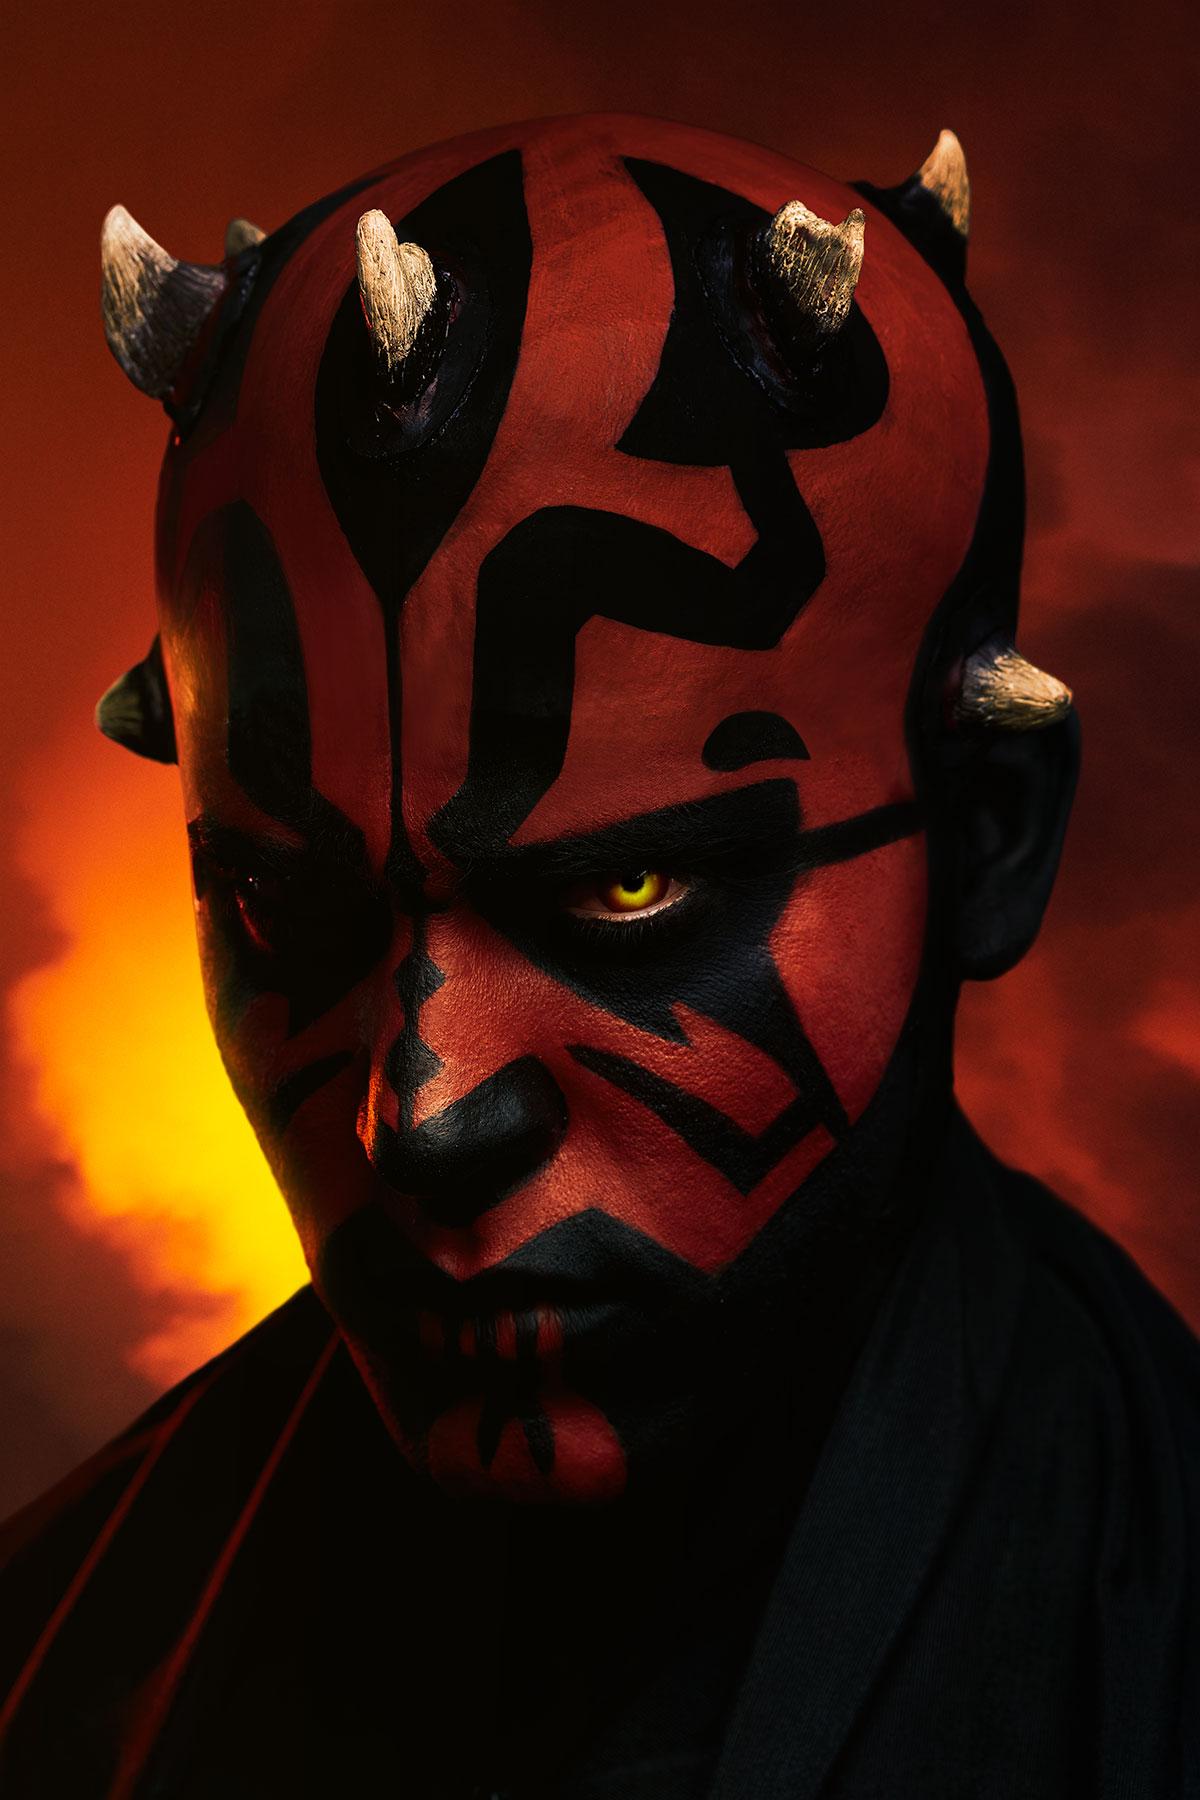 Arthur Sayanoff Darth Maul Star Wars 08 08